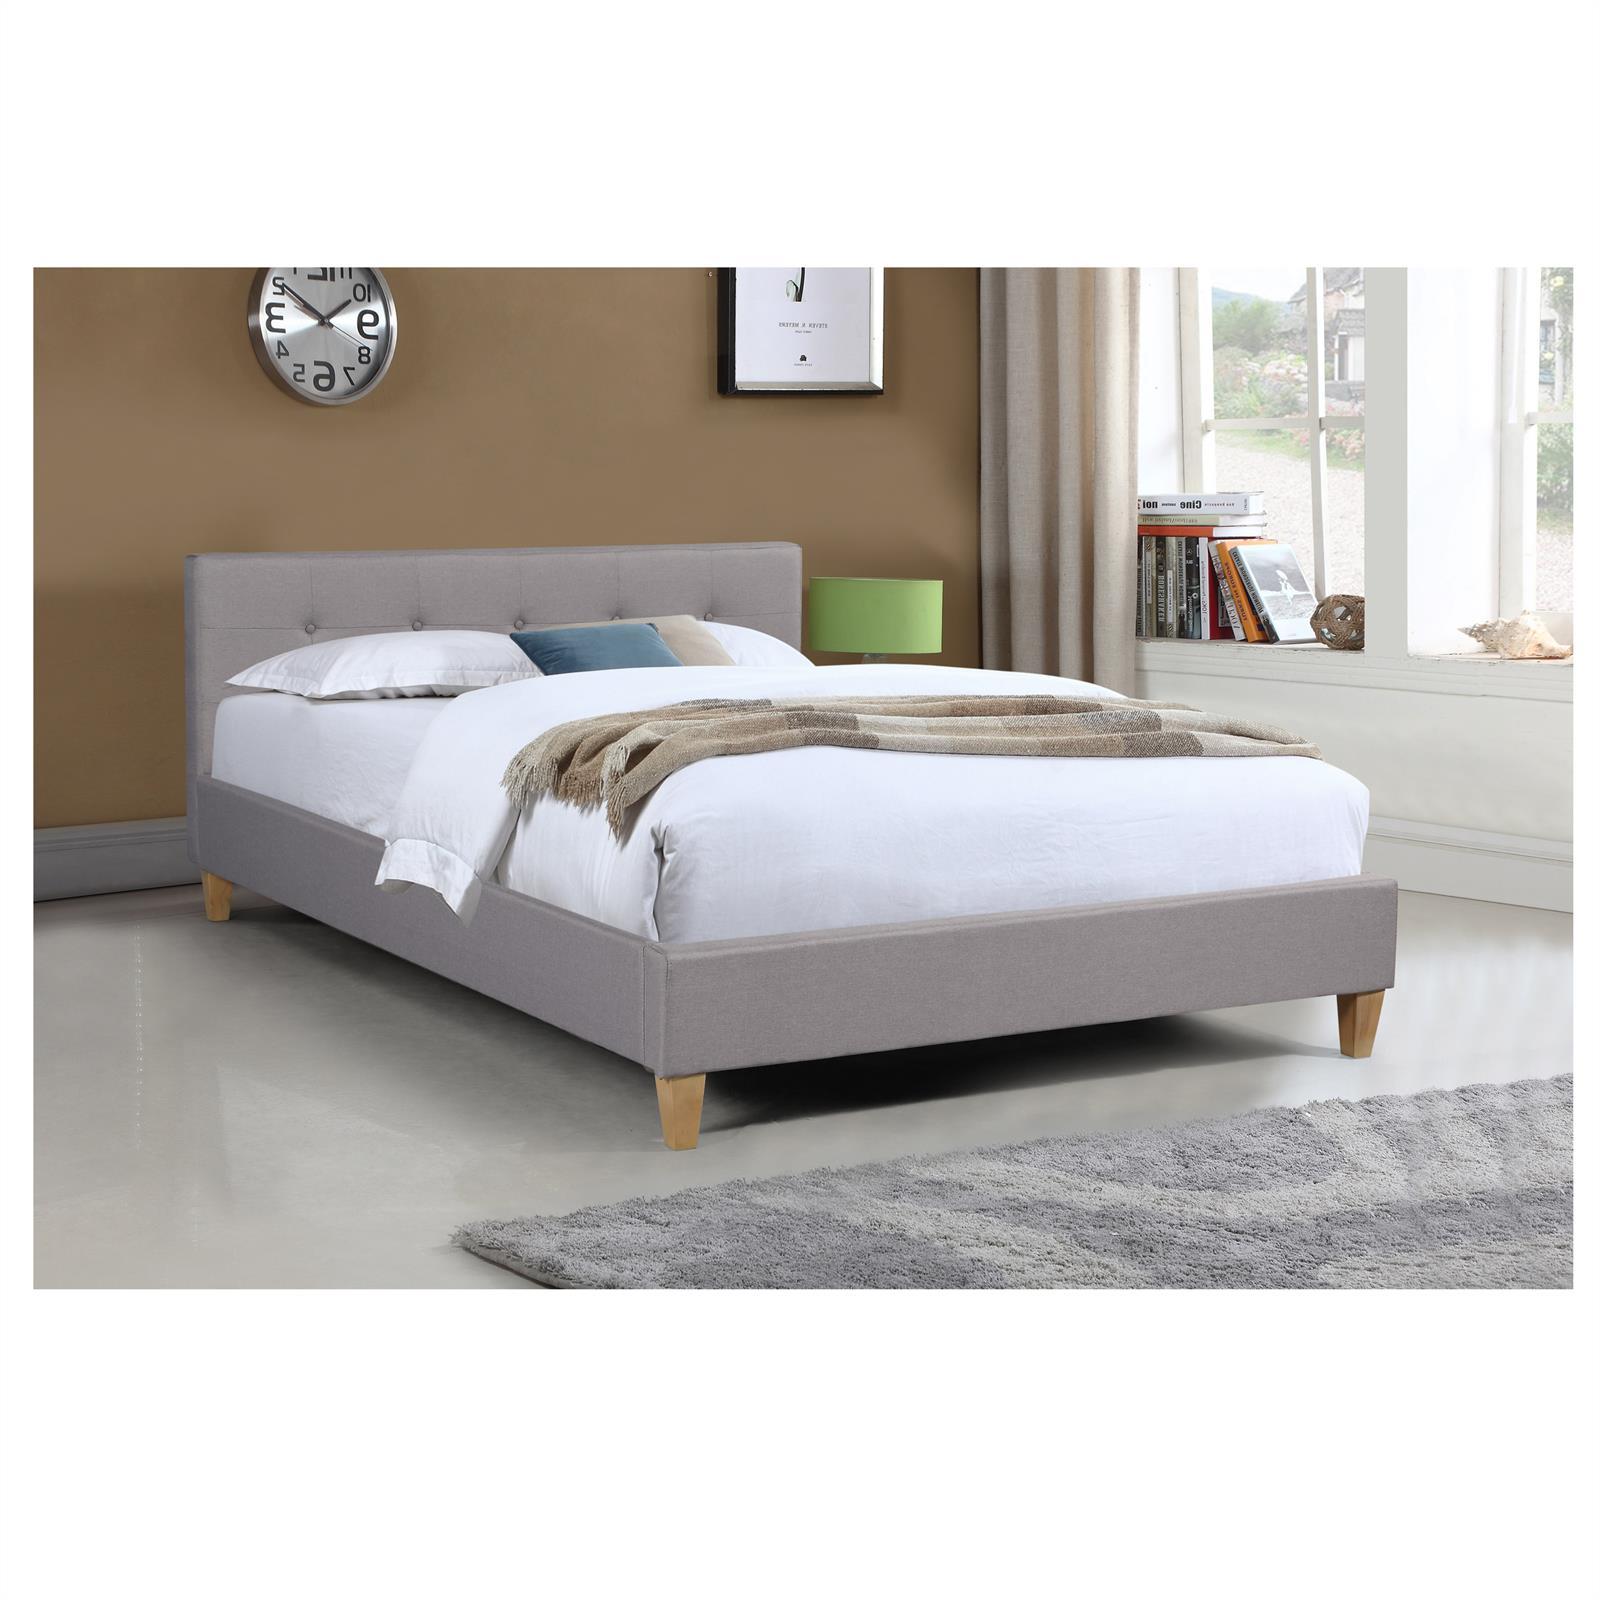 polsterbett doppelbett bettgestell 140x200 cm rollrost ehebett designbett ebay. Black Bedroom Furniture Sets. Home Design Ideas